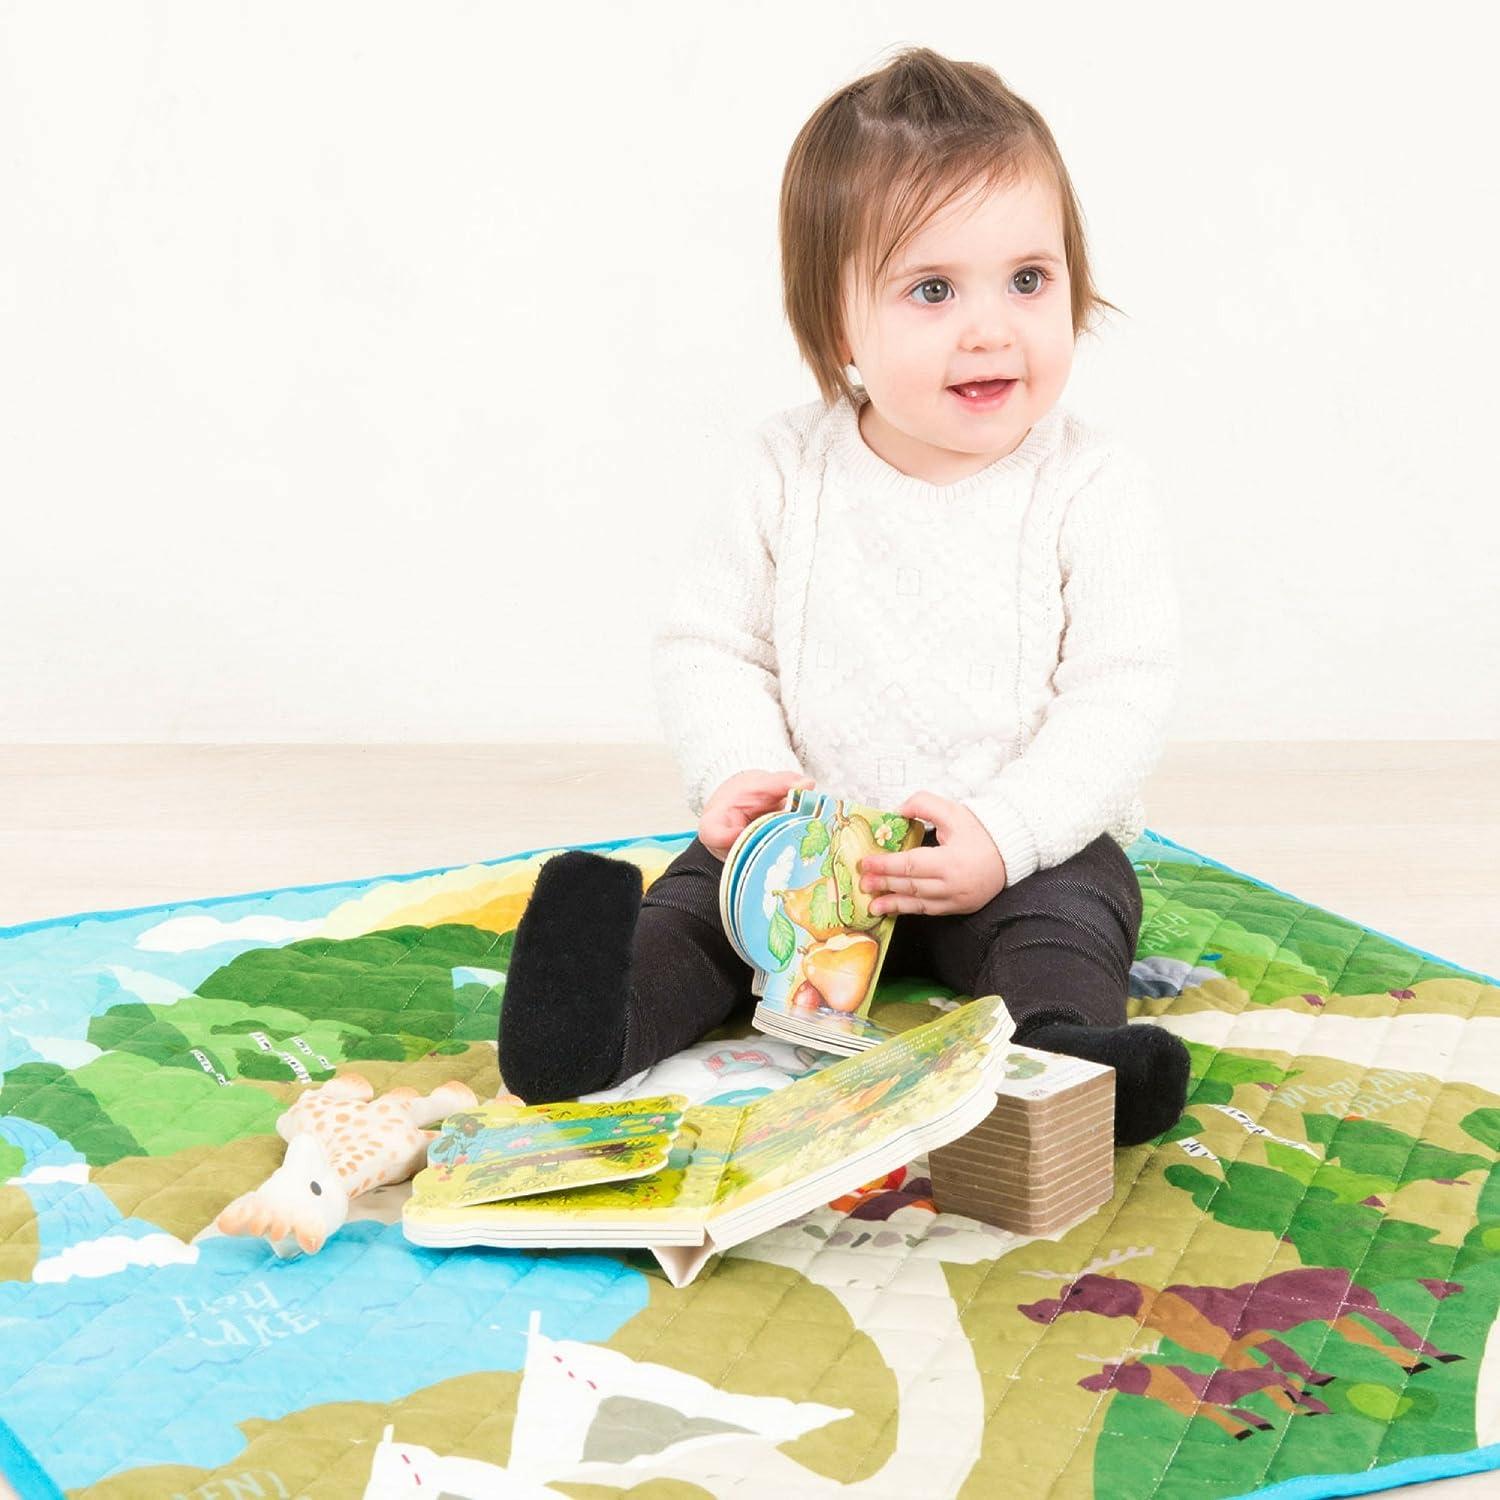 Amazon.com : Alfombra Acolchada de Aventuras en El Bosque Magico para Niños y Niñas Bebes! : Baby